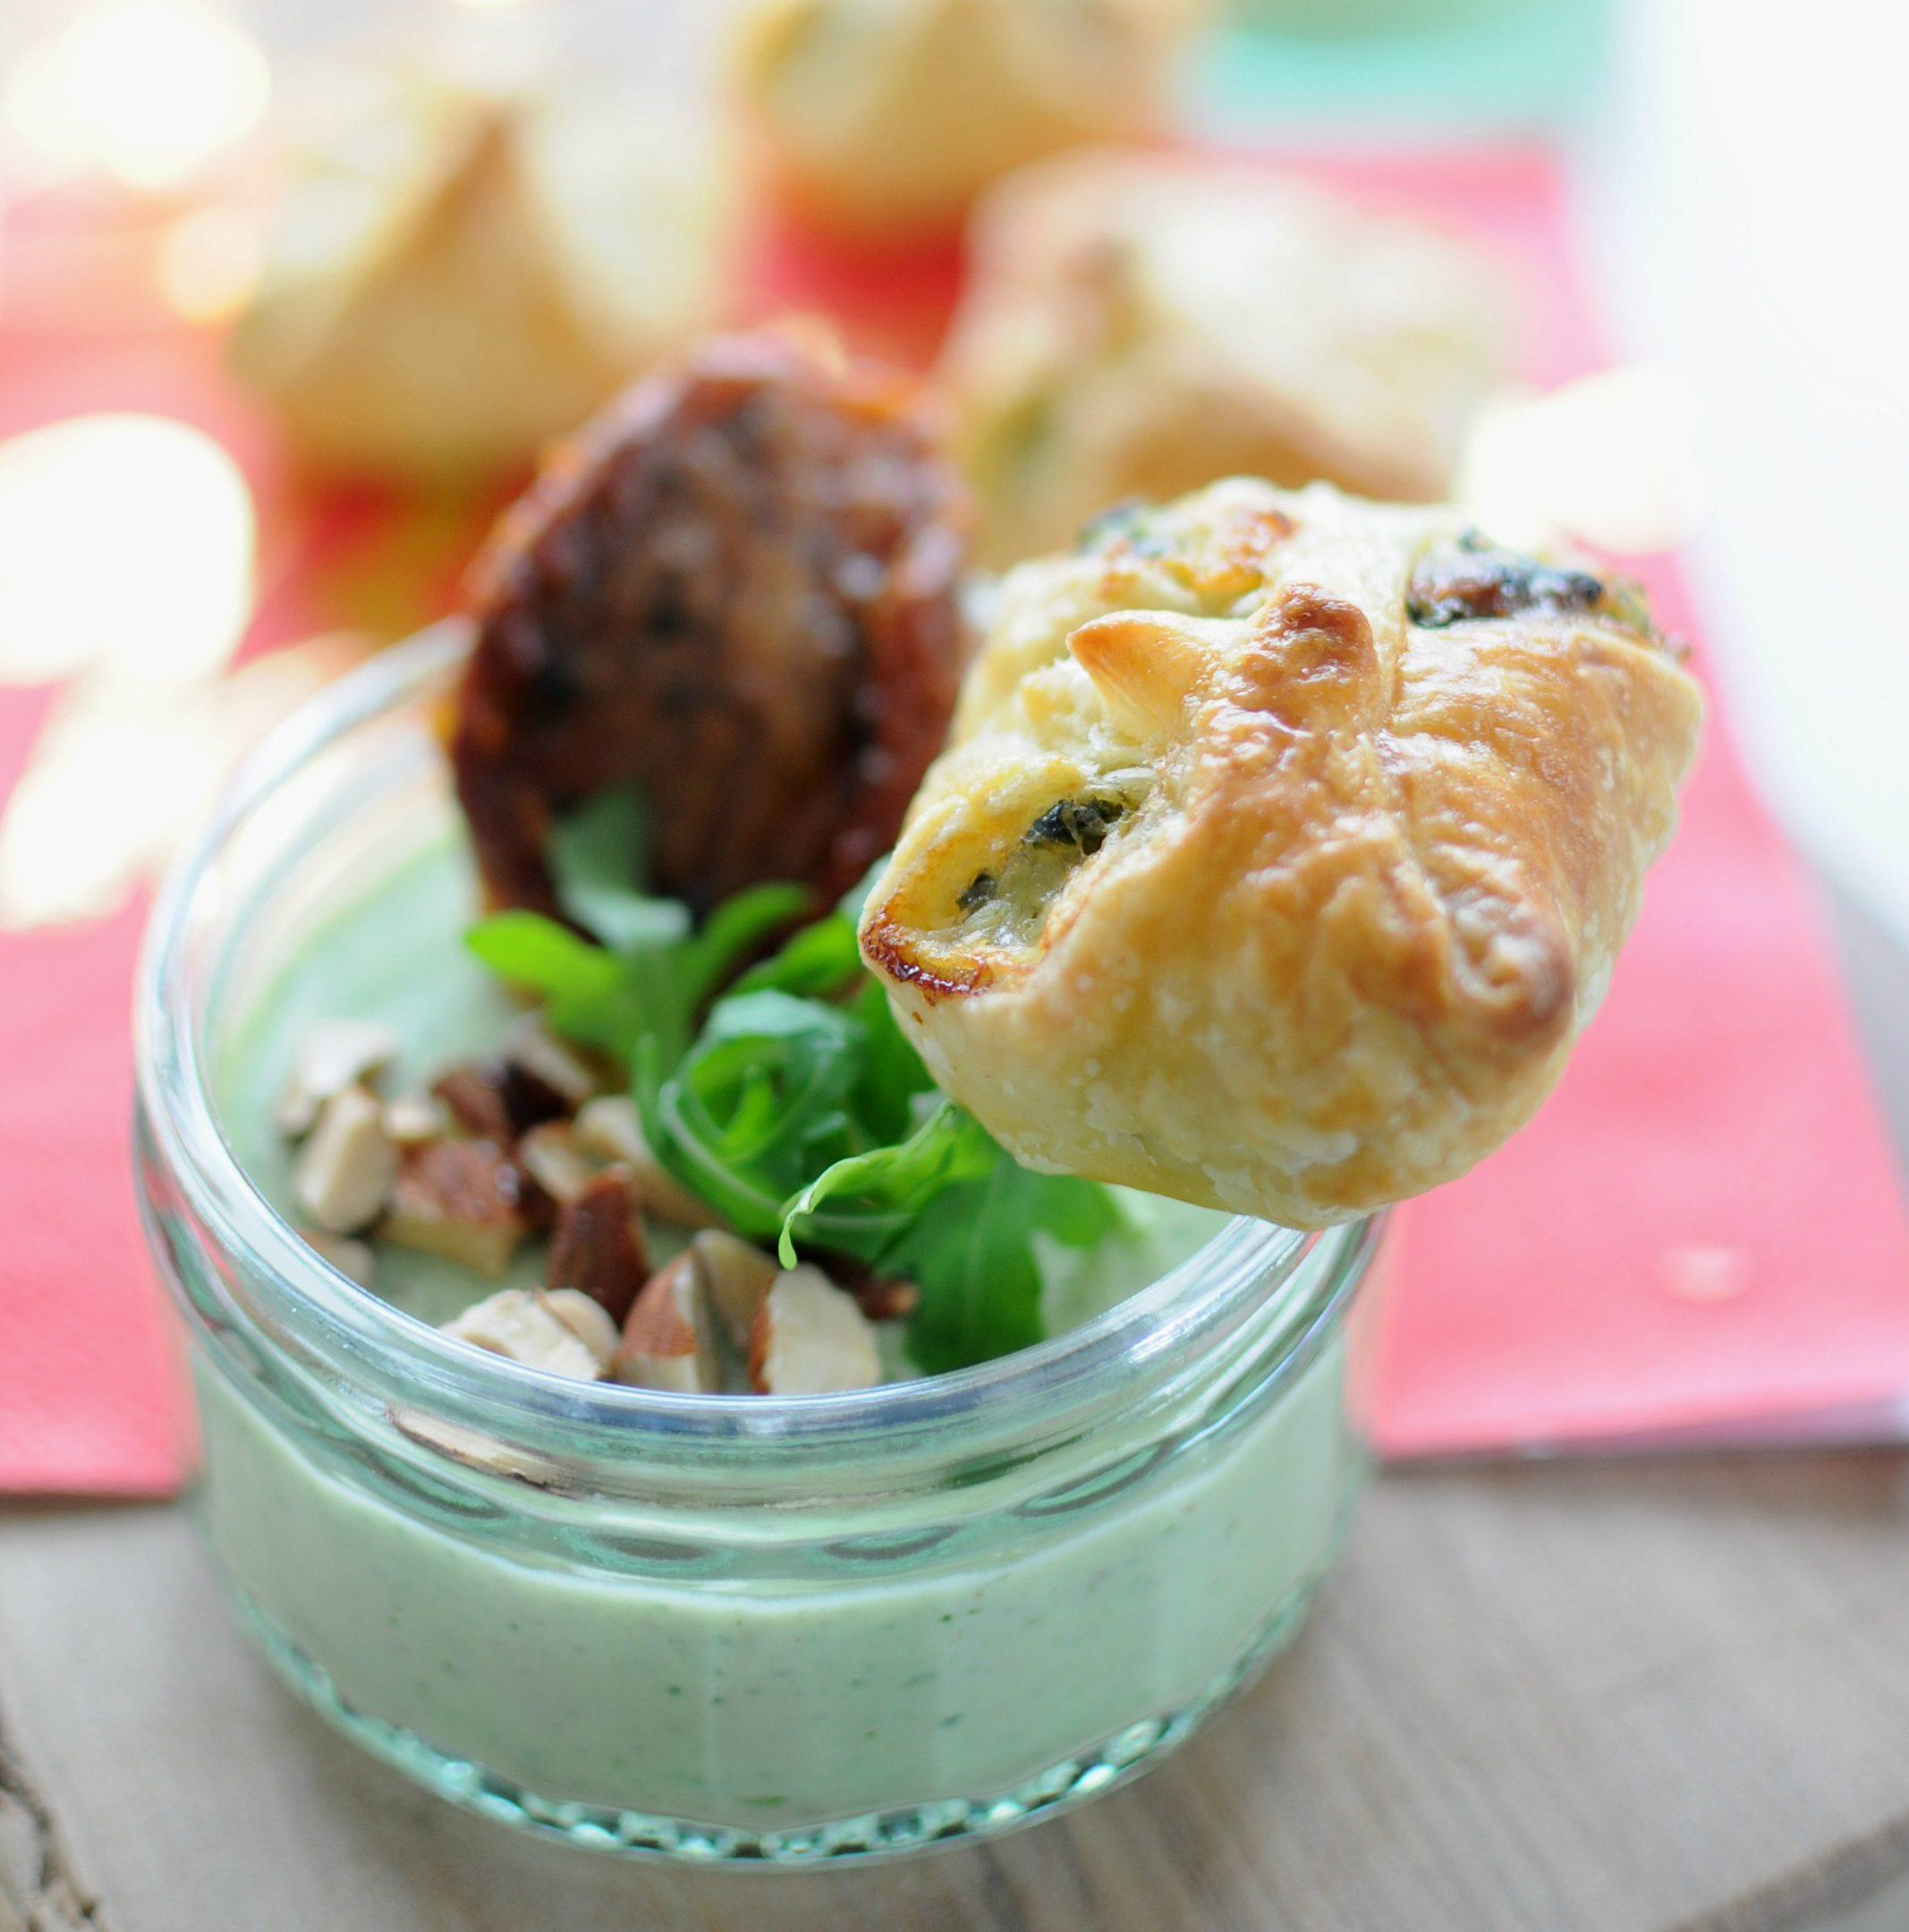 Zeer Vegetarisch voorgerecht kerst: hartige panna cotta met pesto @BN78